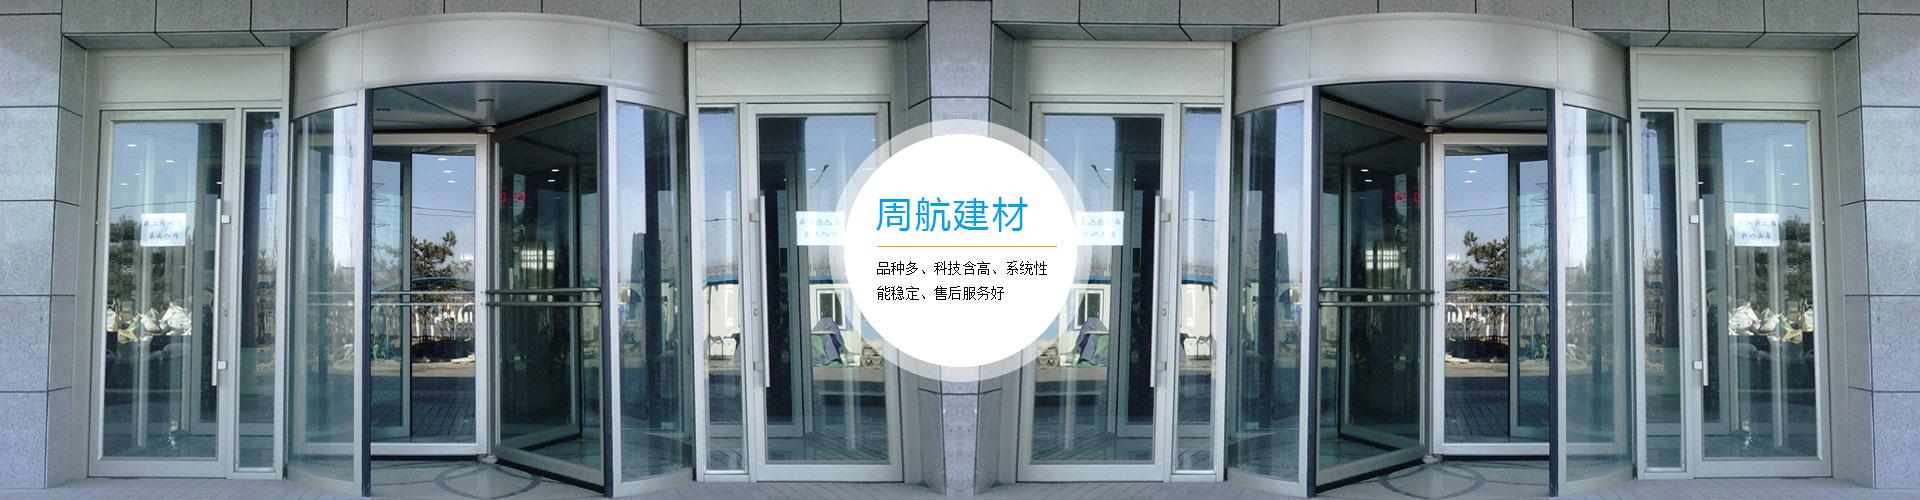 广西感应门销售,南宁电动门销售,广西弧形门工程,广西地弹簧批发